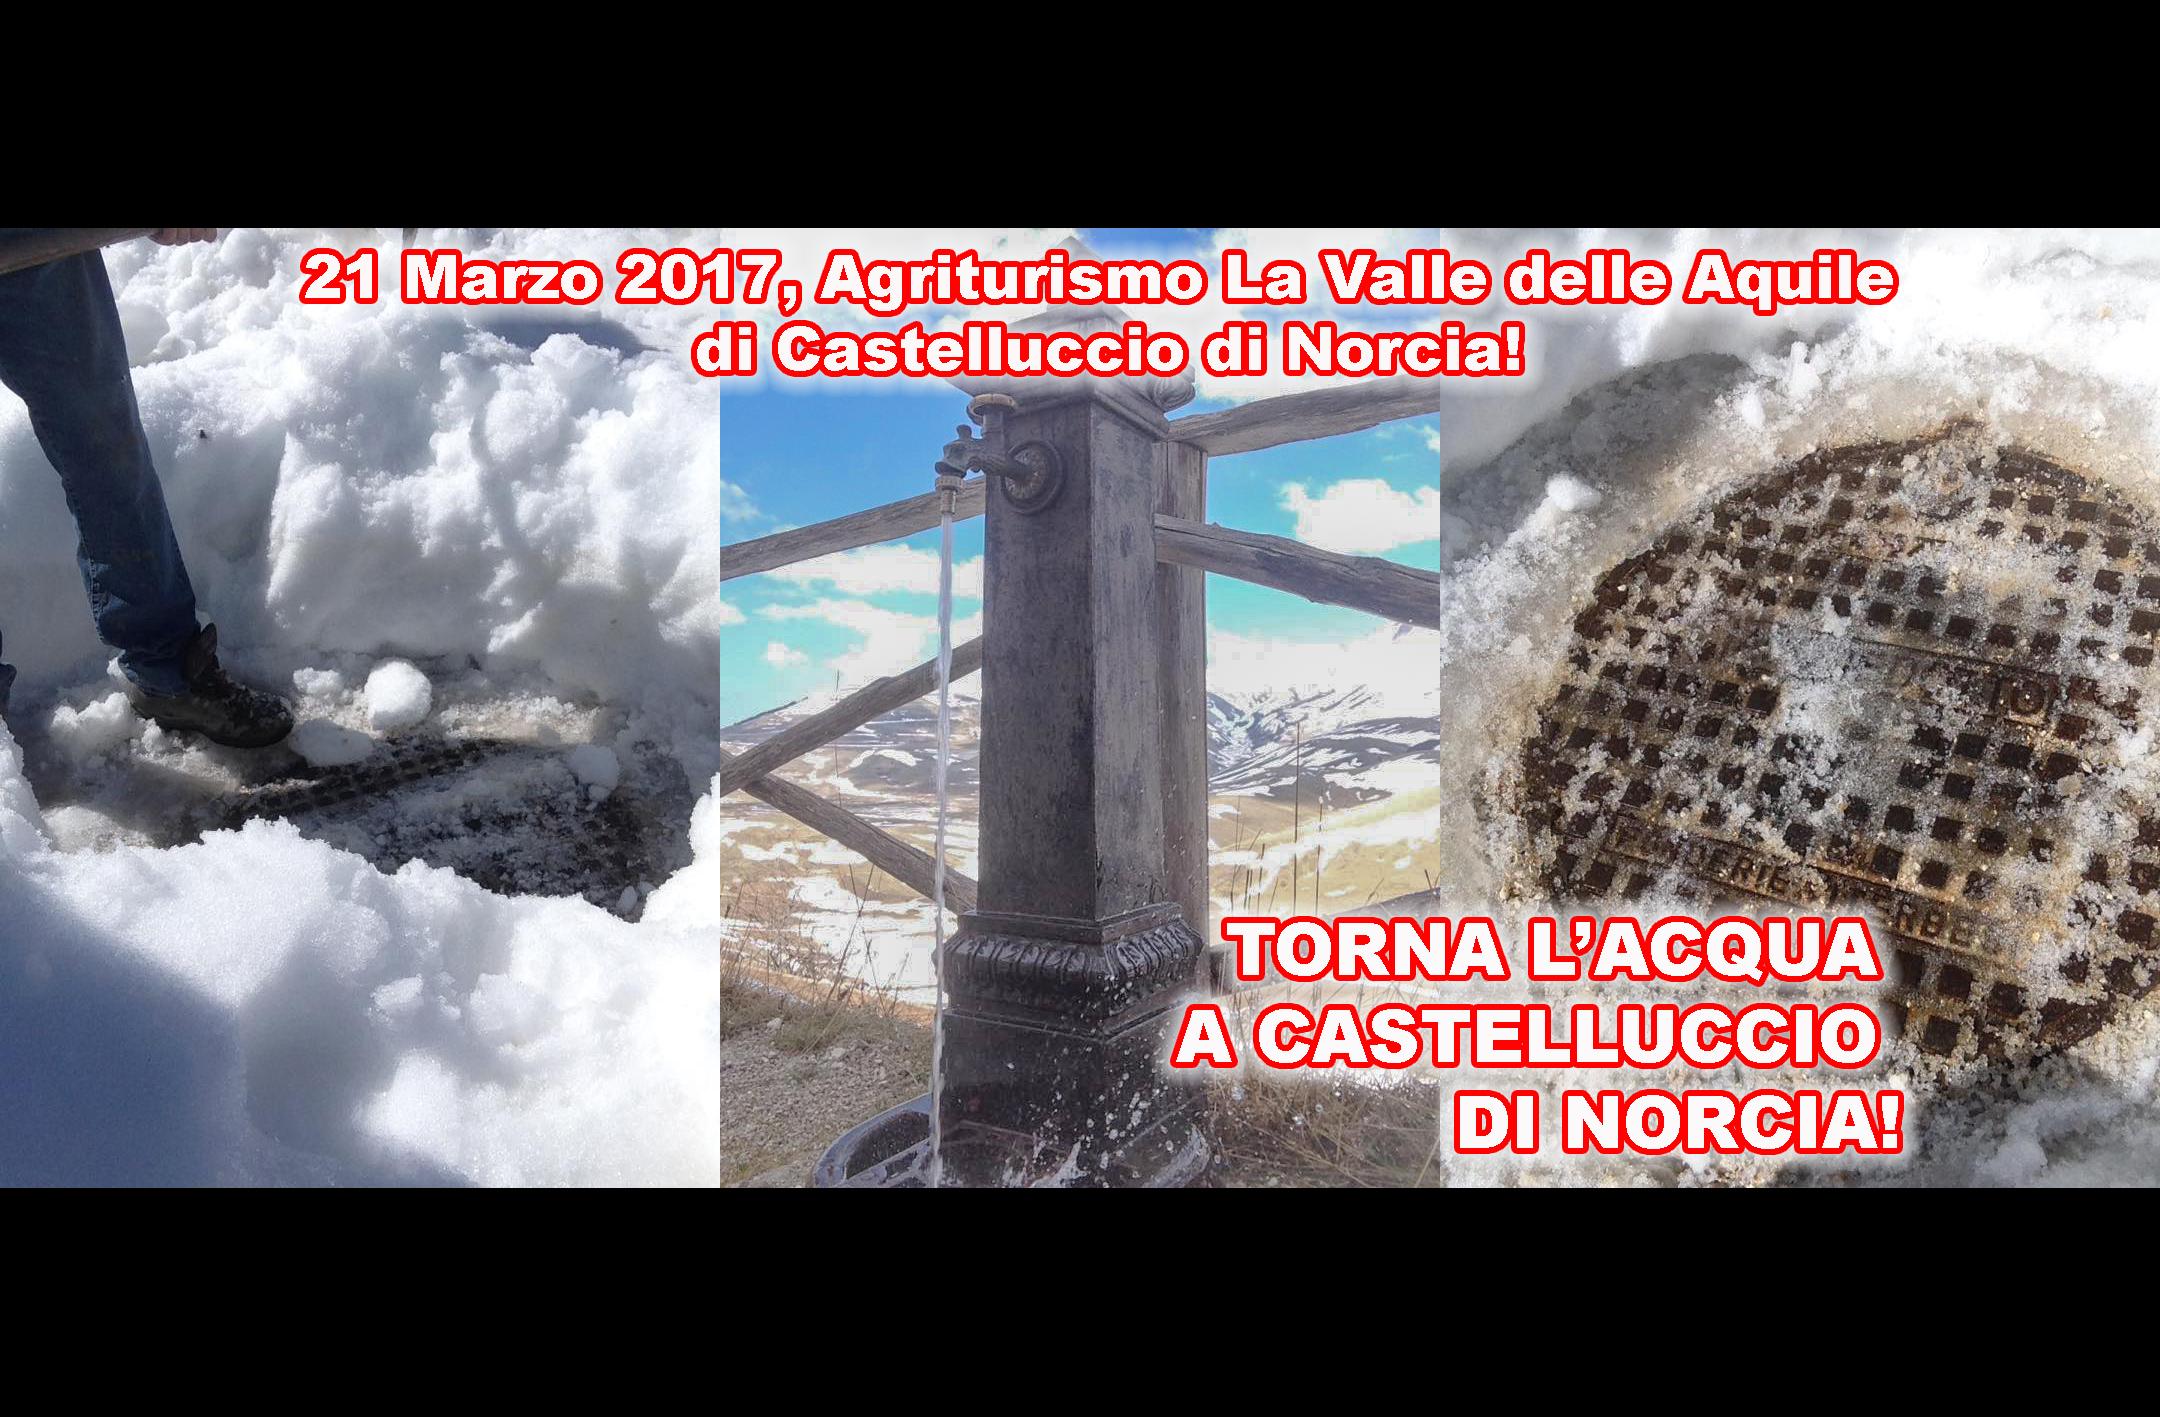 TORNA L'ACQUA A CASTELLUCCIO! 21 Marzo 2017